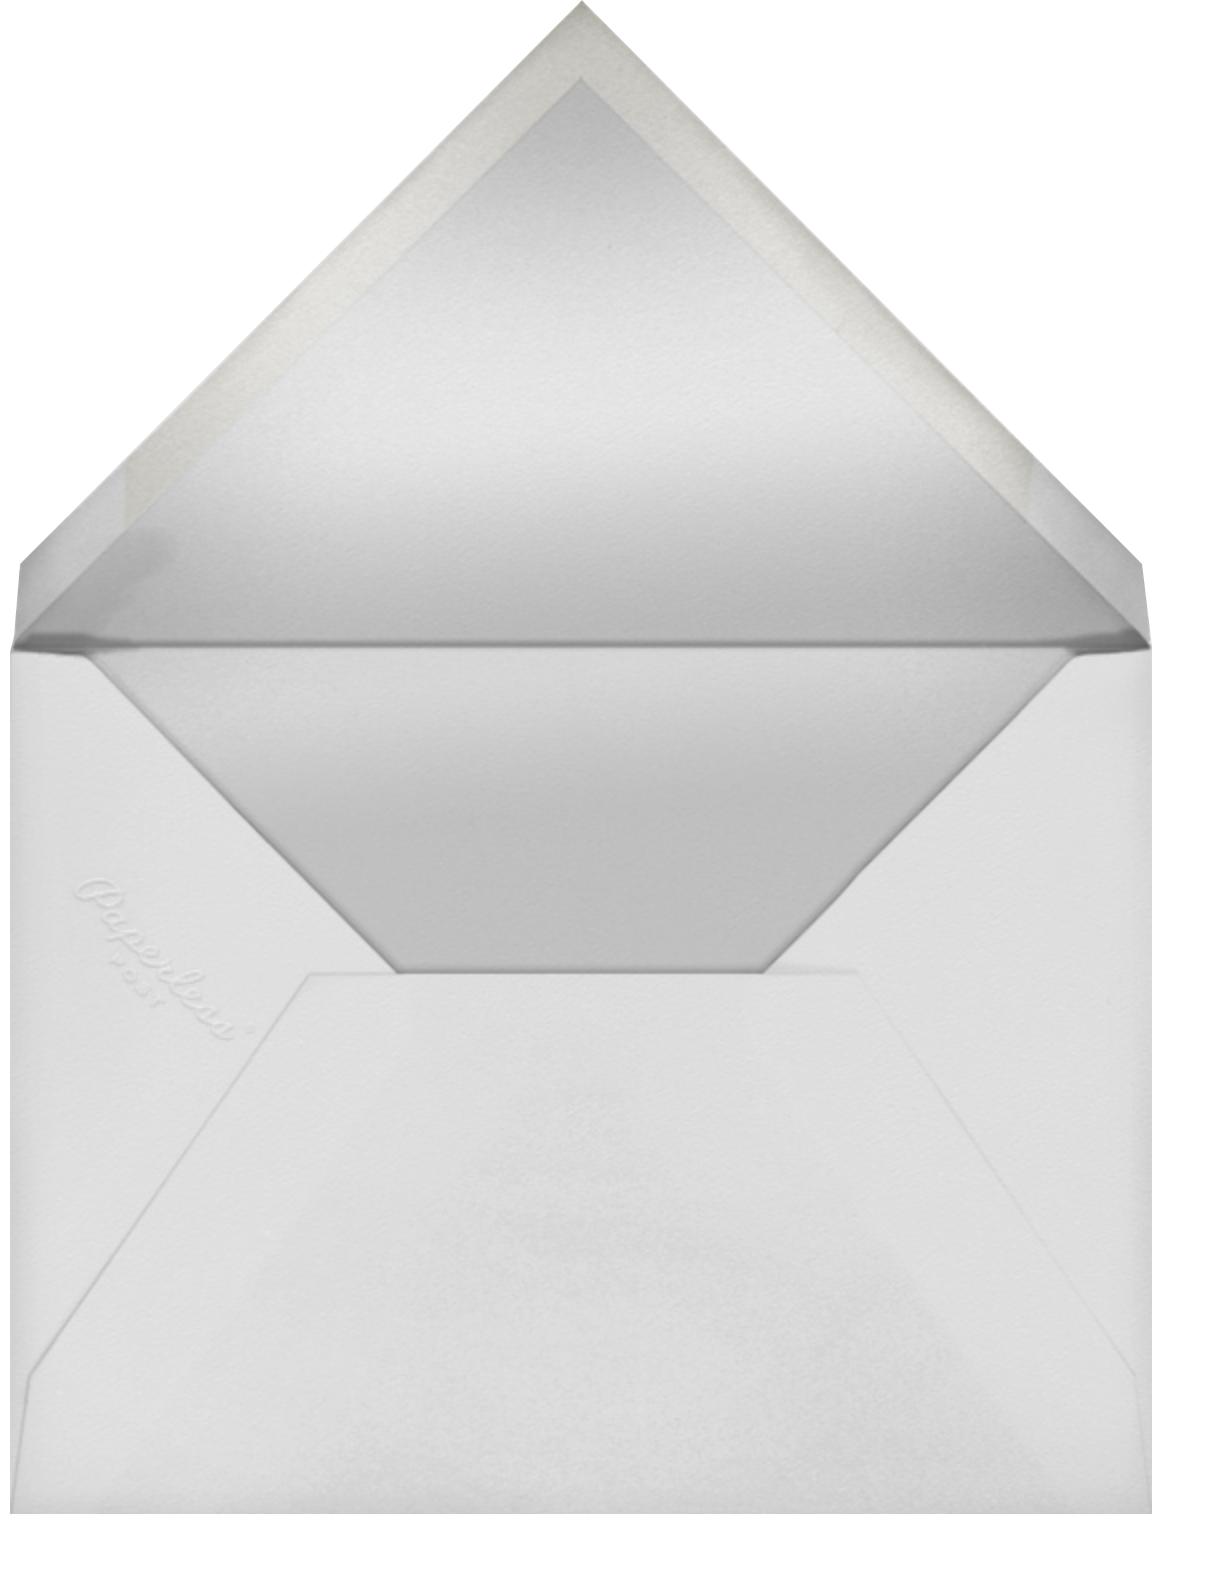 Josephine Baker (Program) - Black/Silver - Paperless Post - Menus and programs - envelope back